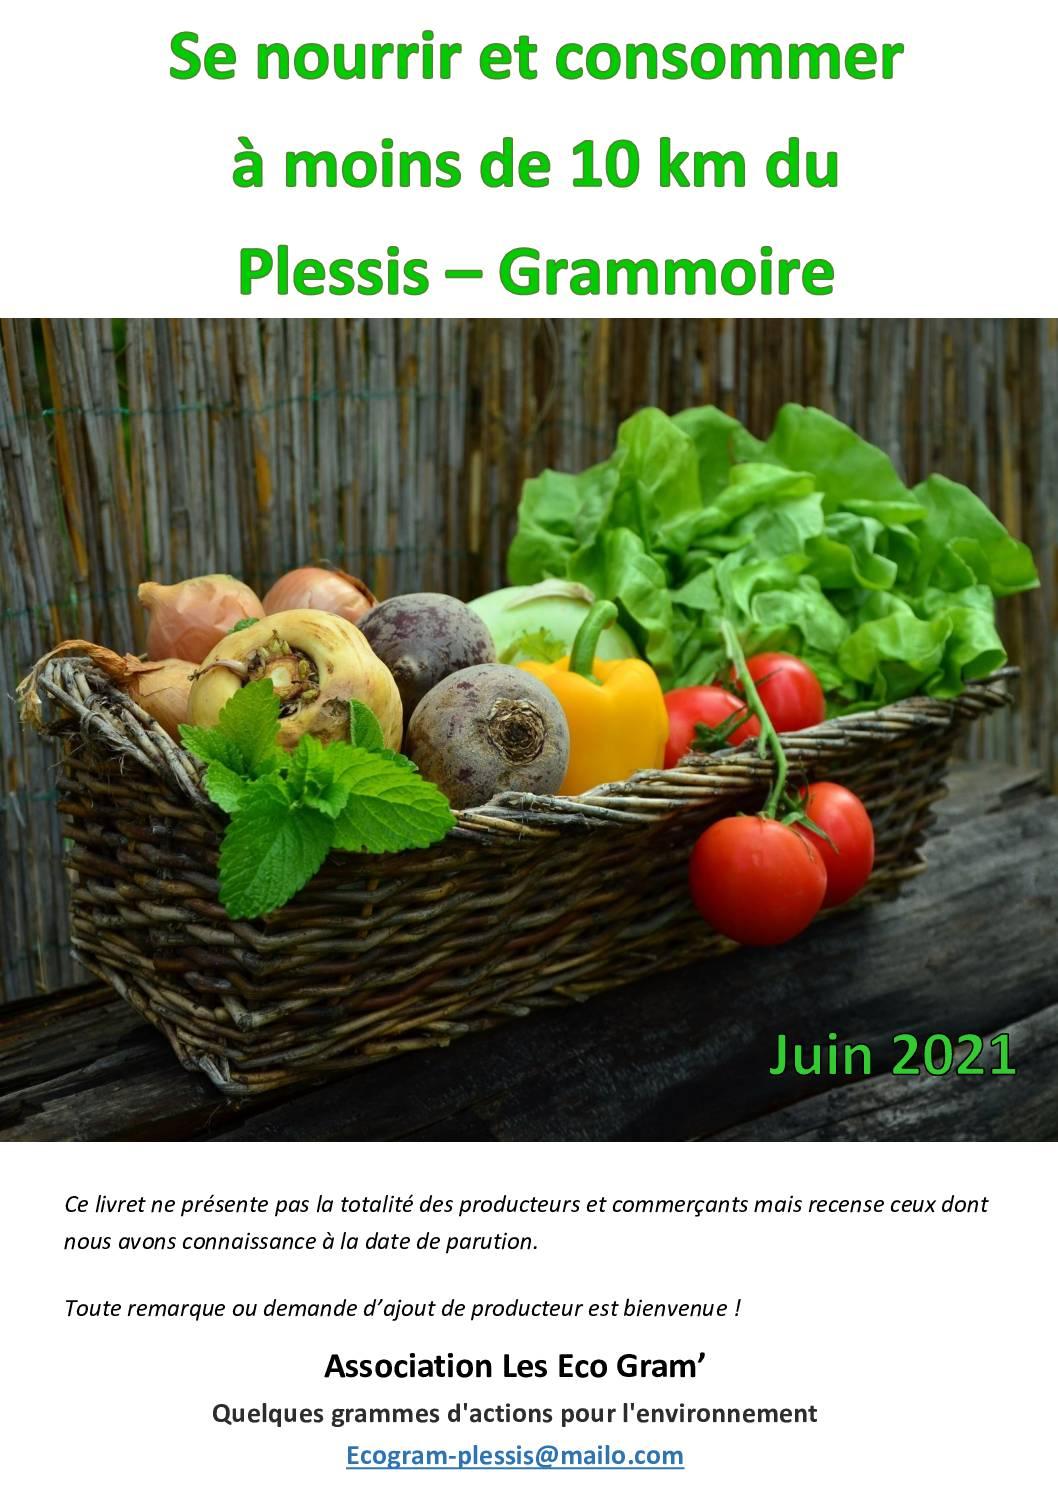 Livret se nourrir à – de 10 km du Plessis v1.3 (papier recyclé)